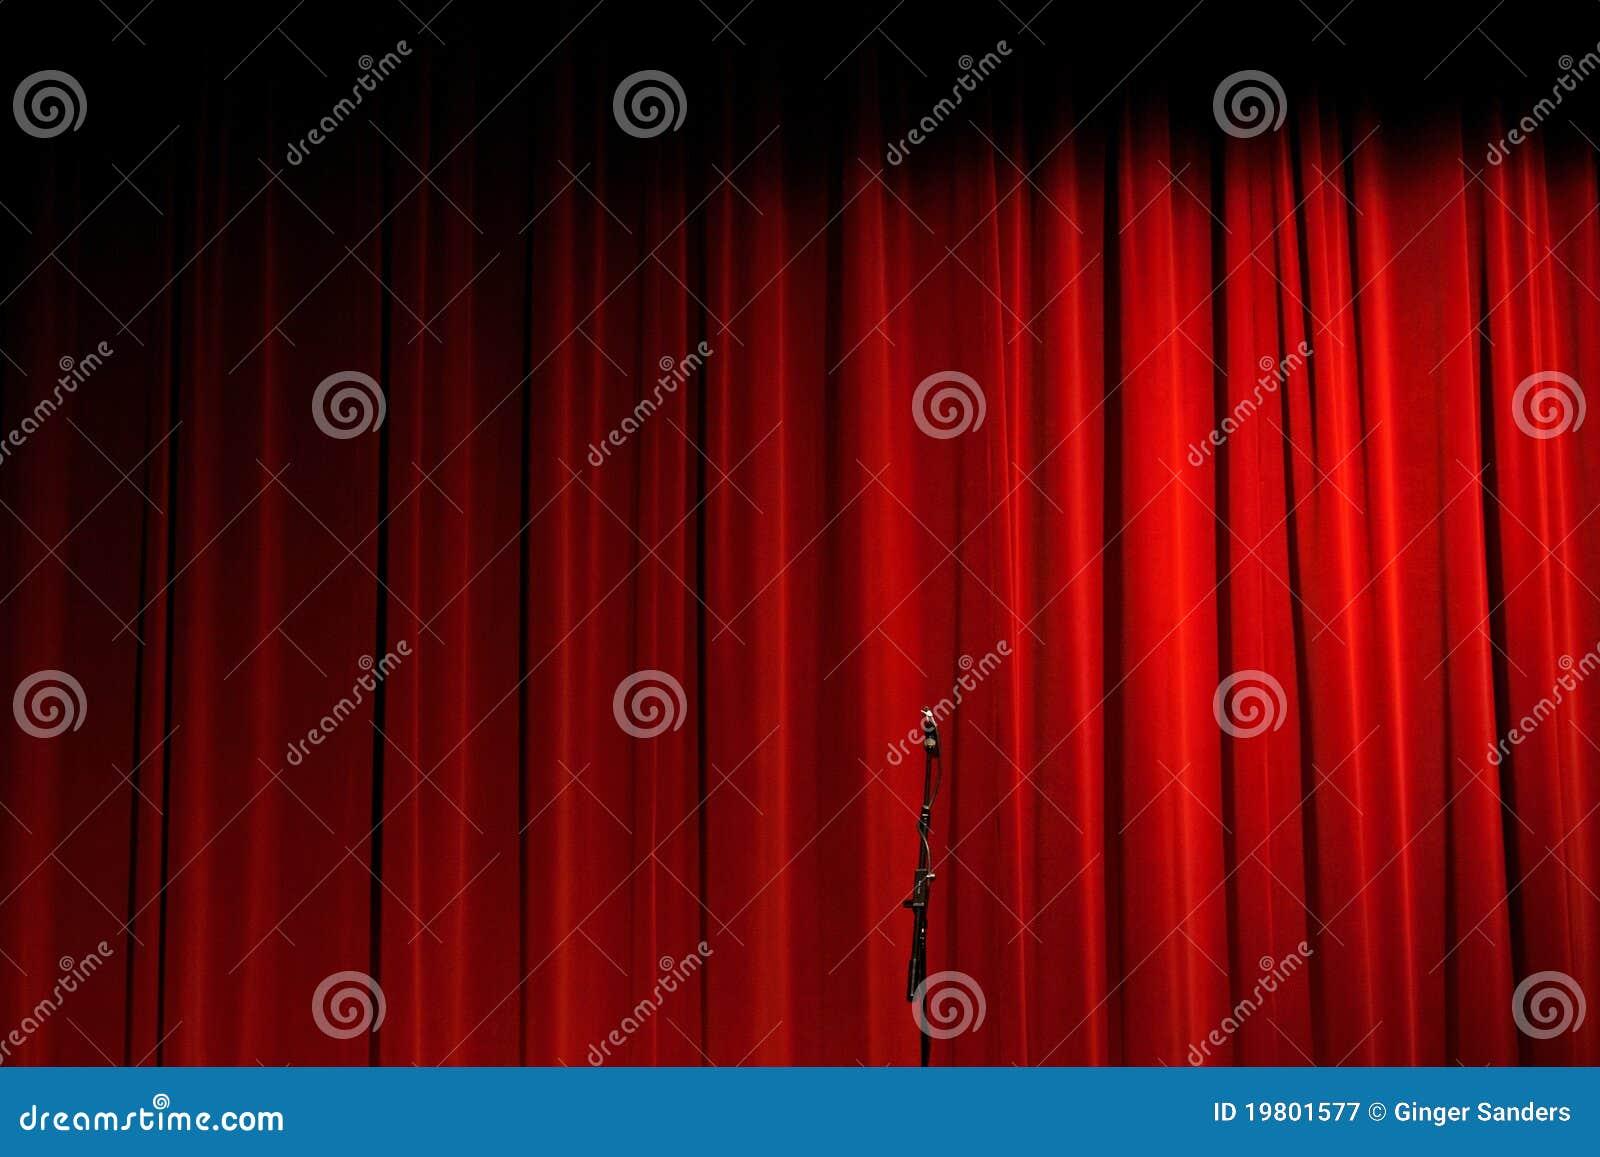 Cortina vermelha no estágio com microfone